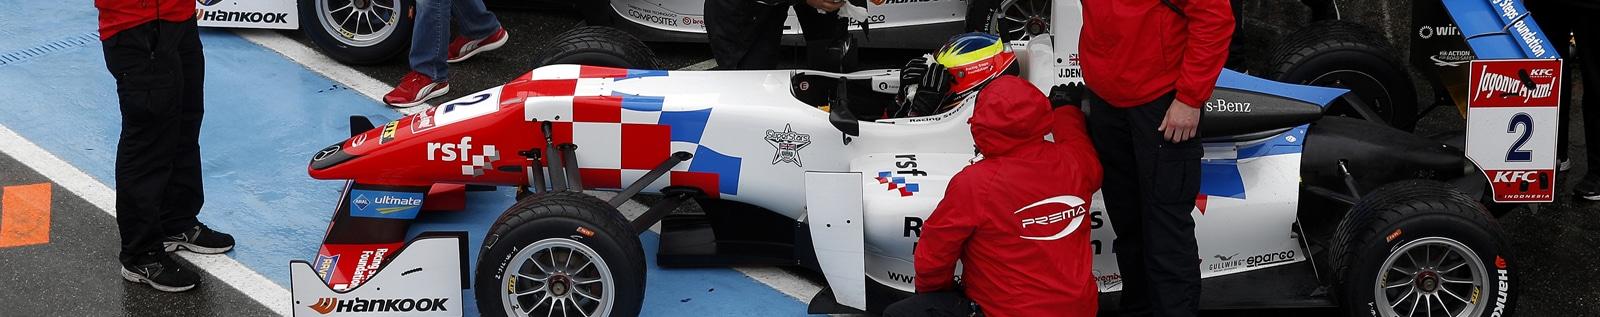 Motorsport Commercial Insurance   Reis